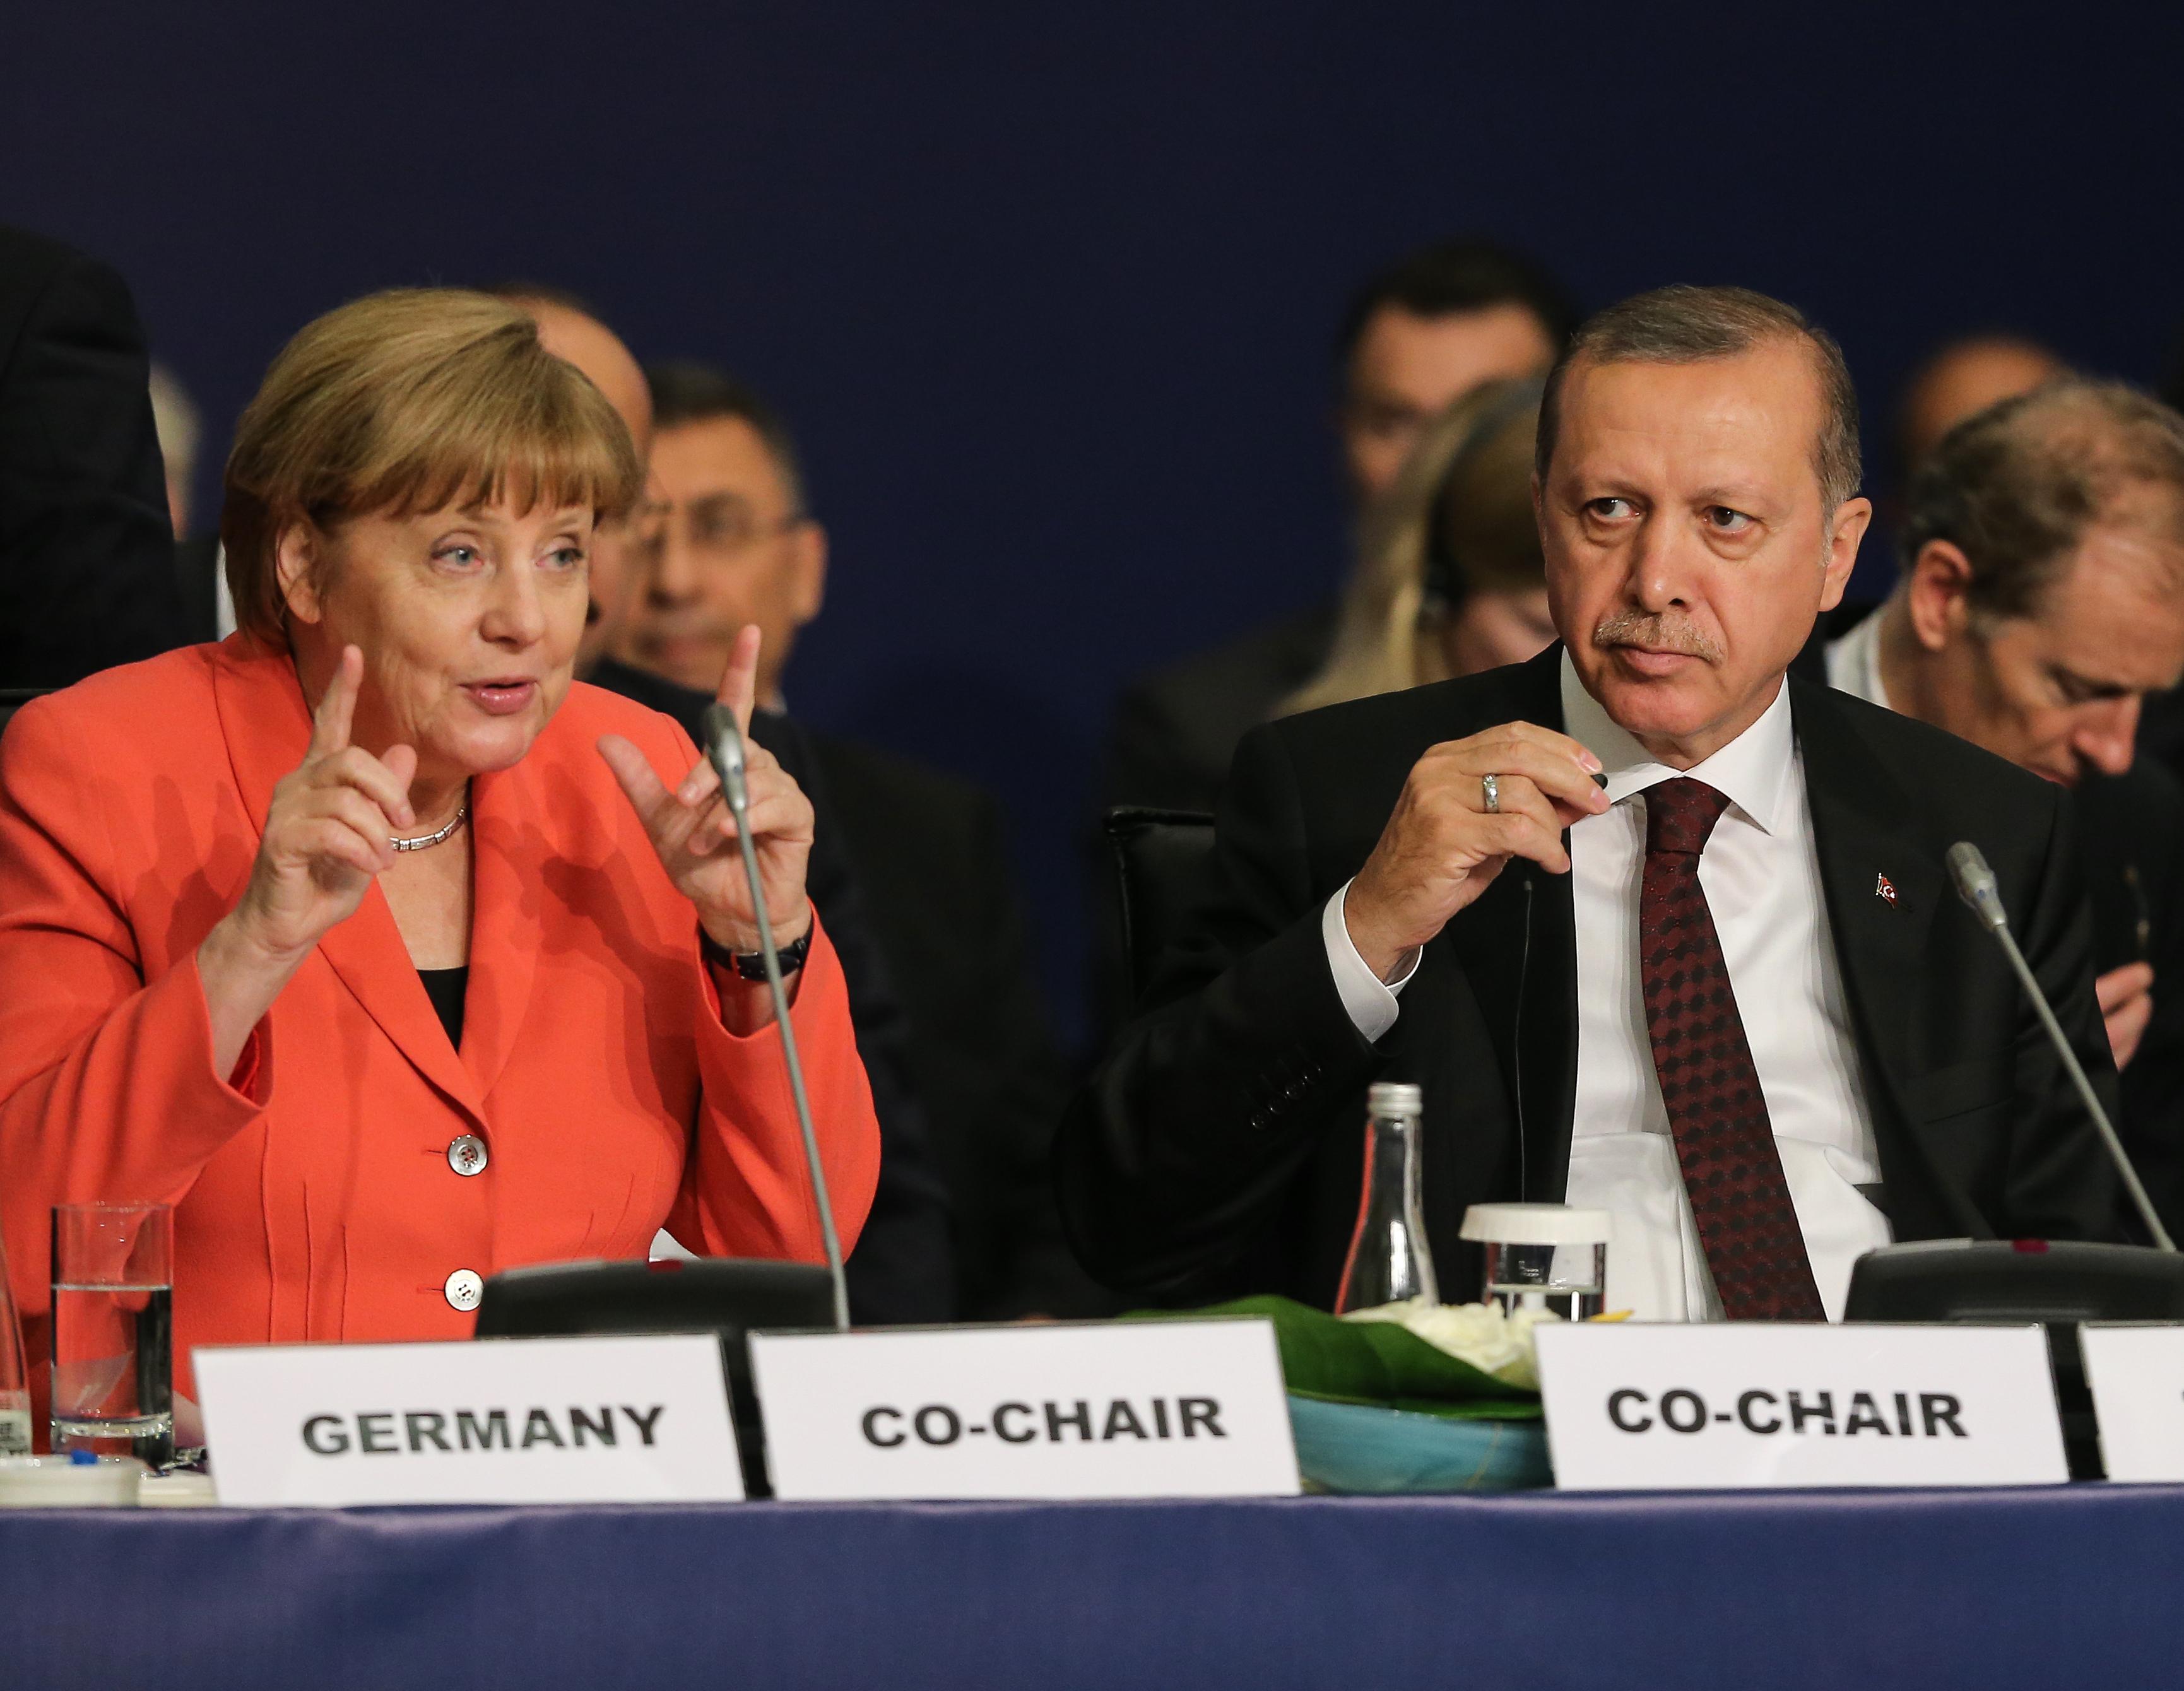 Demokraten und Populisten greifen auf ähnliche rhetorische Mittel zurück Foto: Foto: flickr.com, OCHA/Salih Zeki Fazlıoğlu (CC BY-ND 2.0)